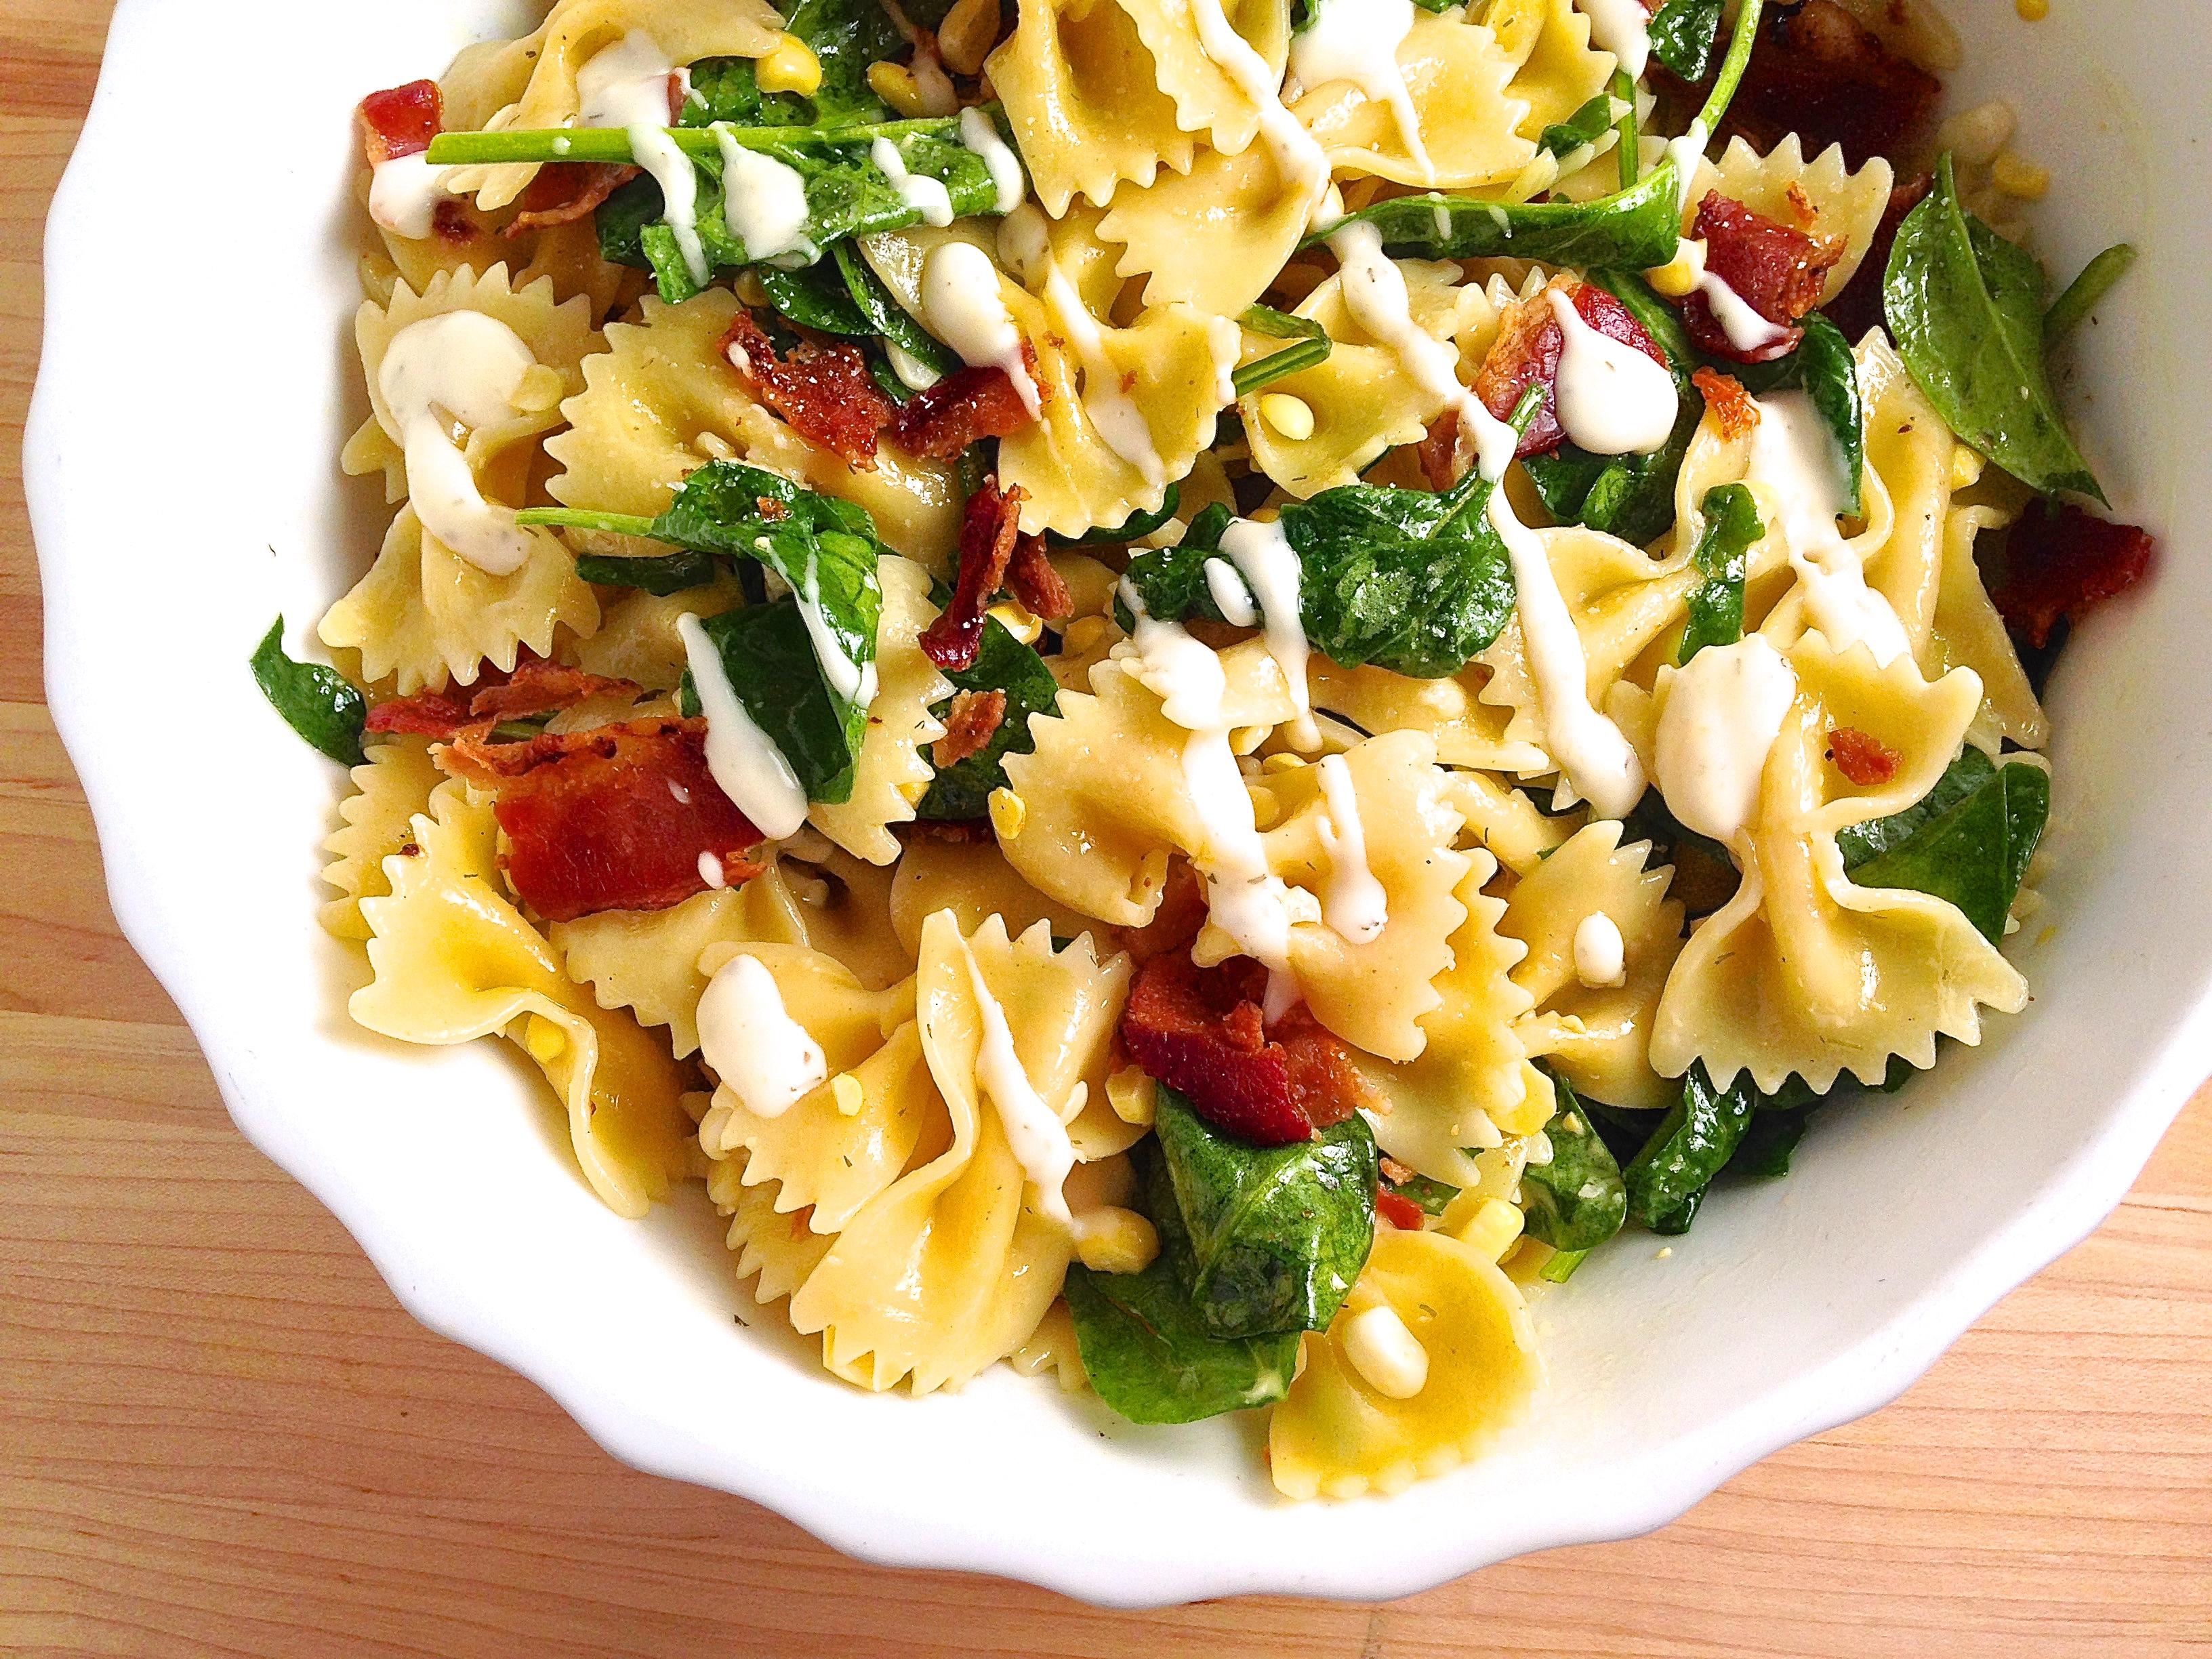 Pasta Salad Recipes Best Recipes For Pasta Salad